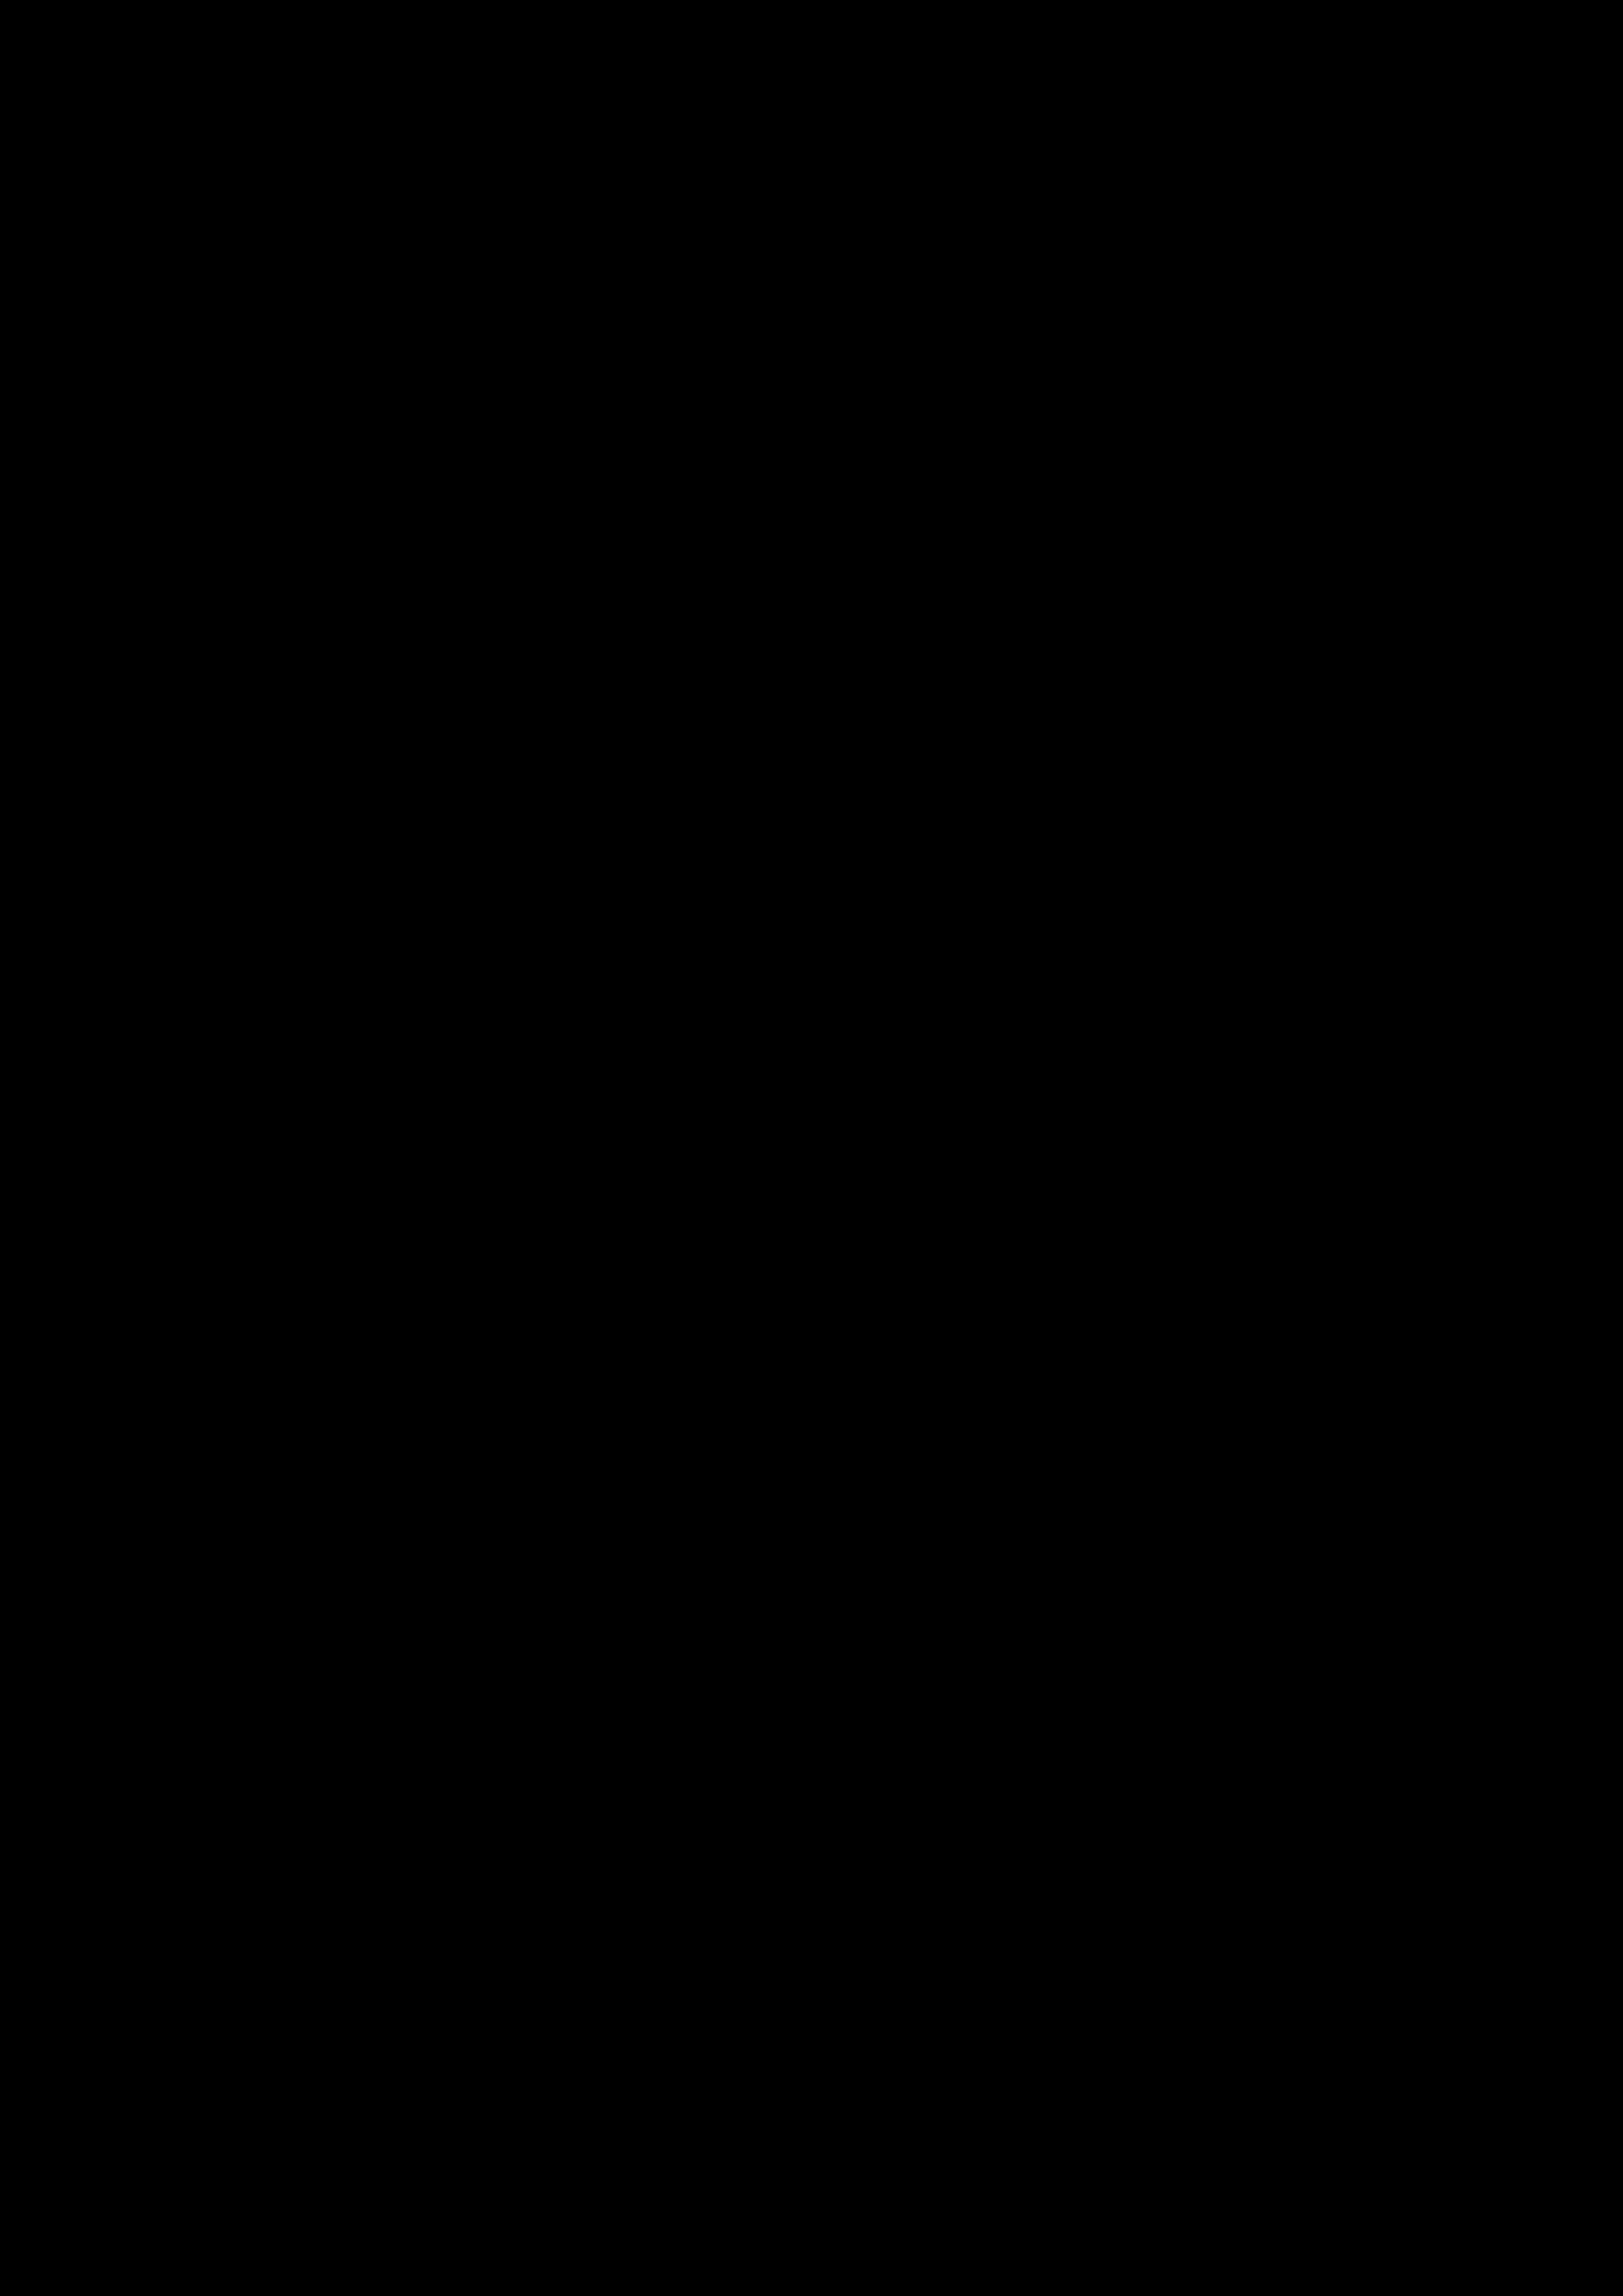 ISRAELI VIPERS